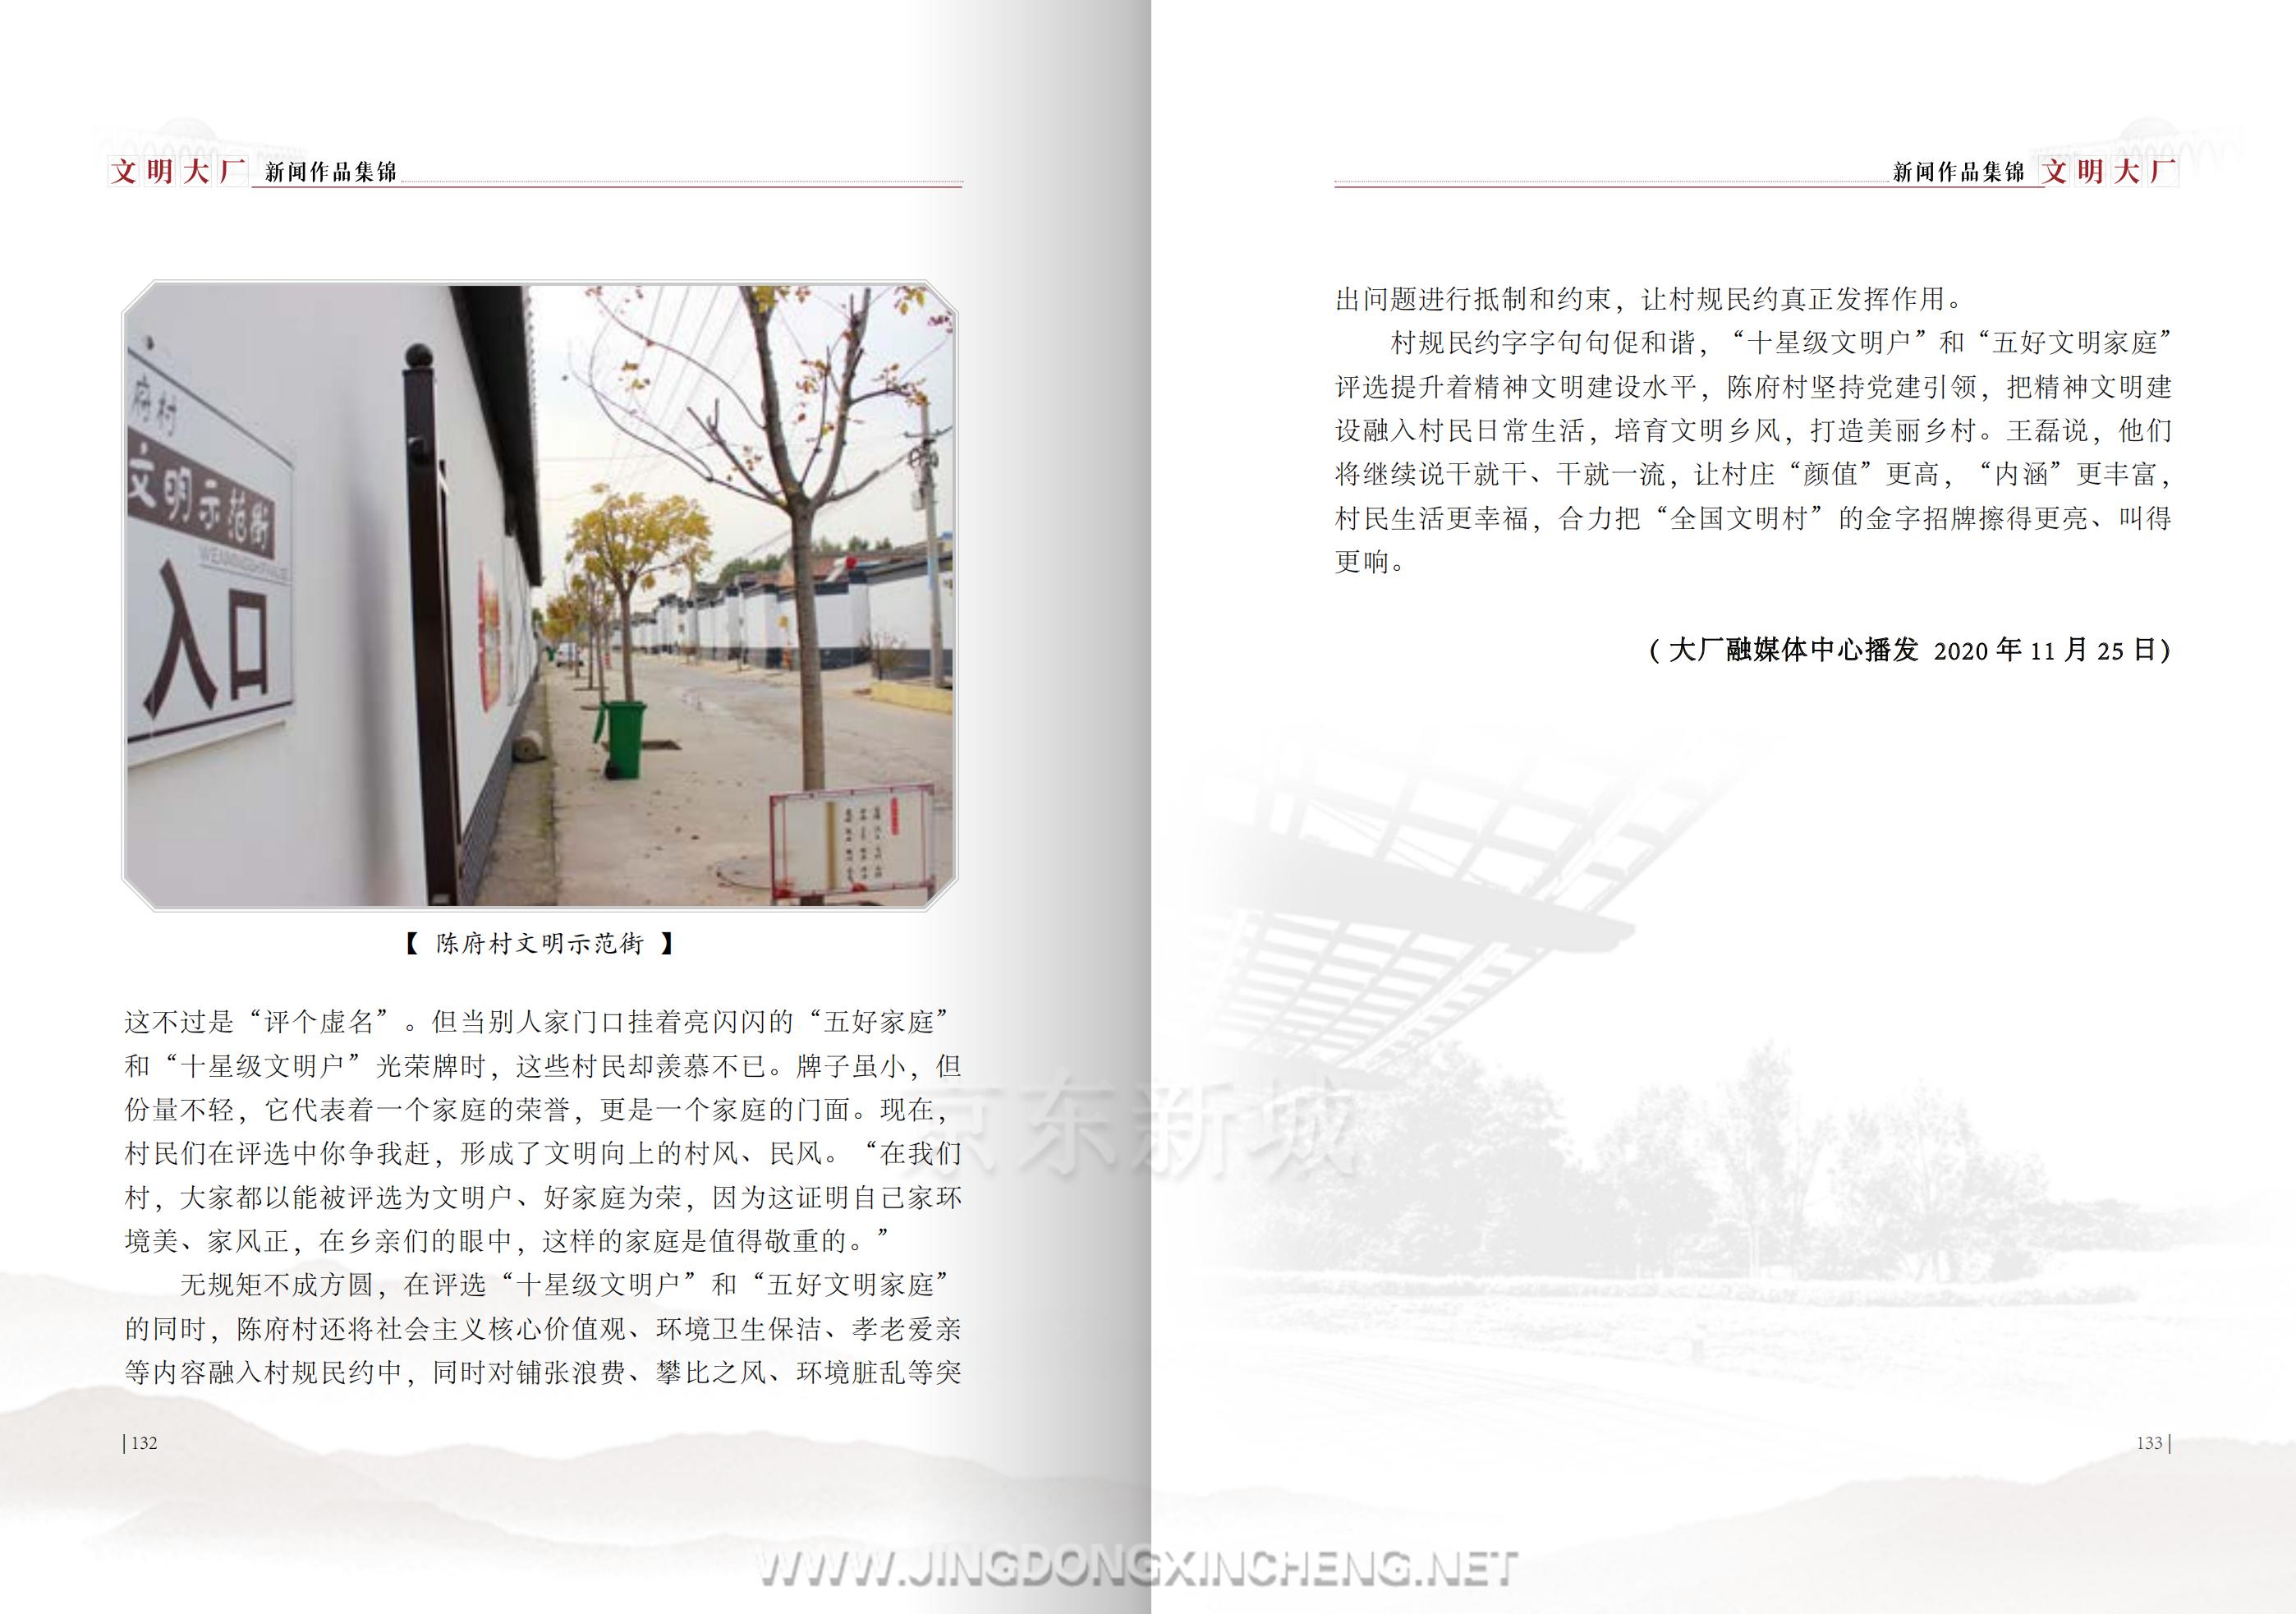 文明大厂书籍-定稿-上传版_70.png